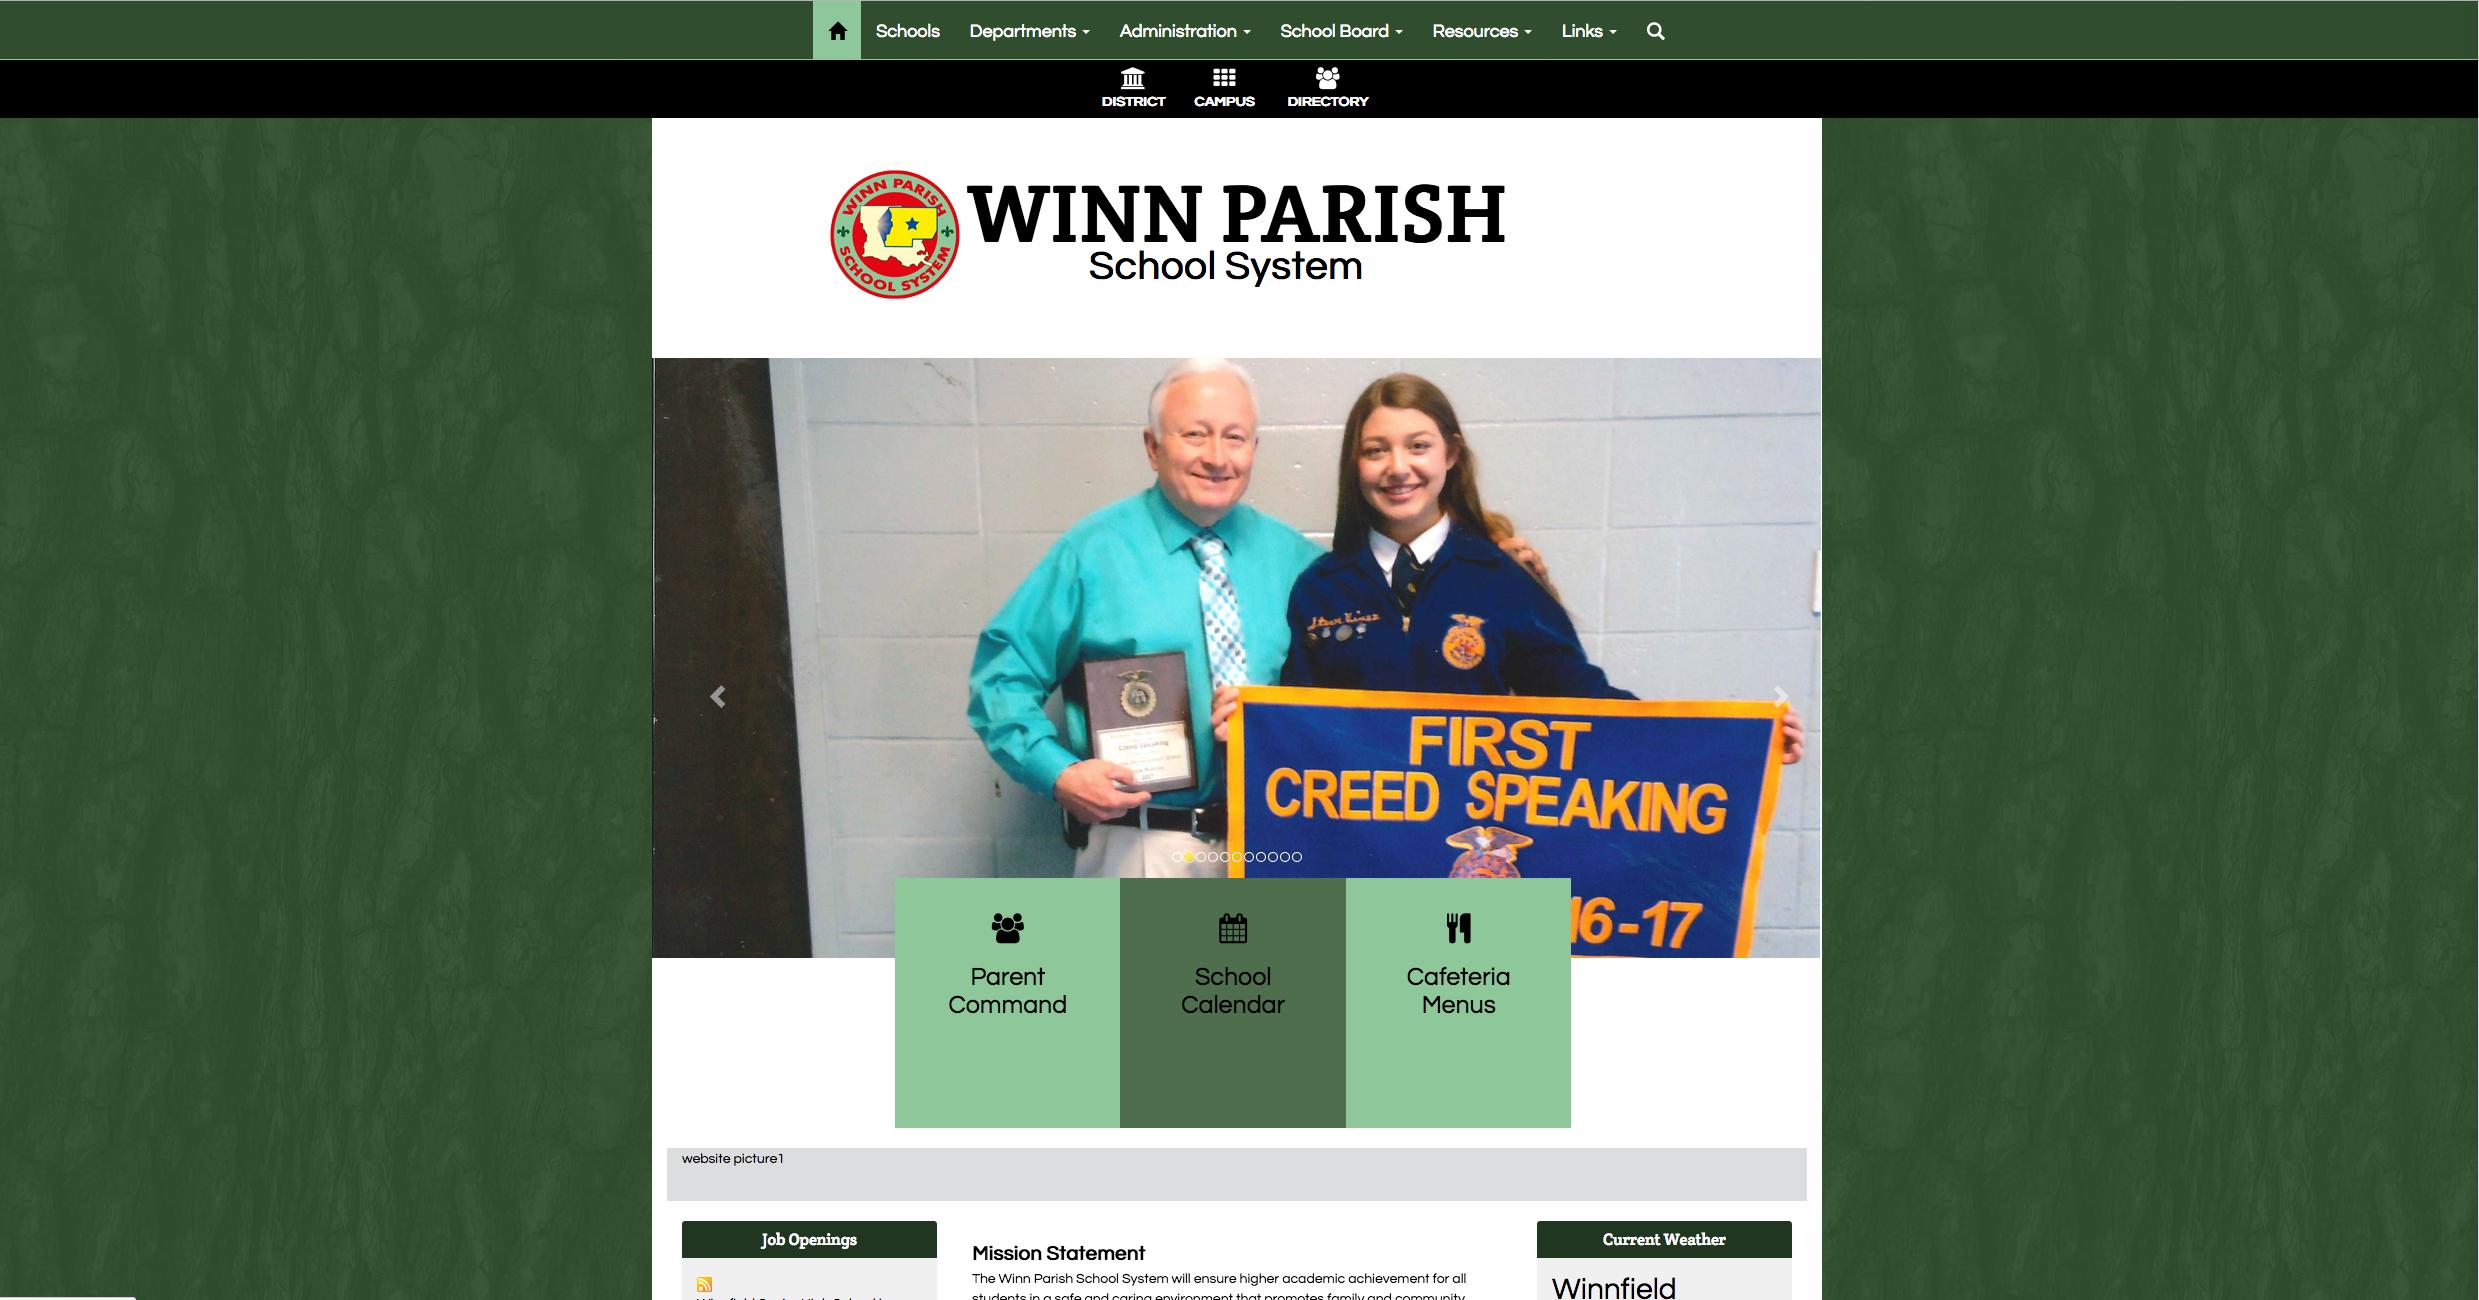 Winn Parish